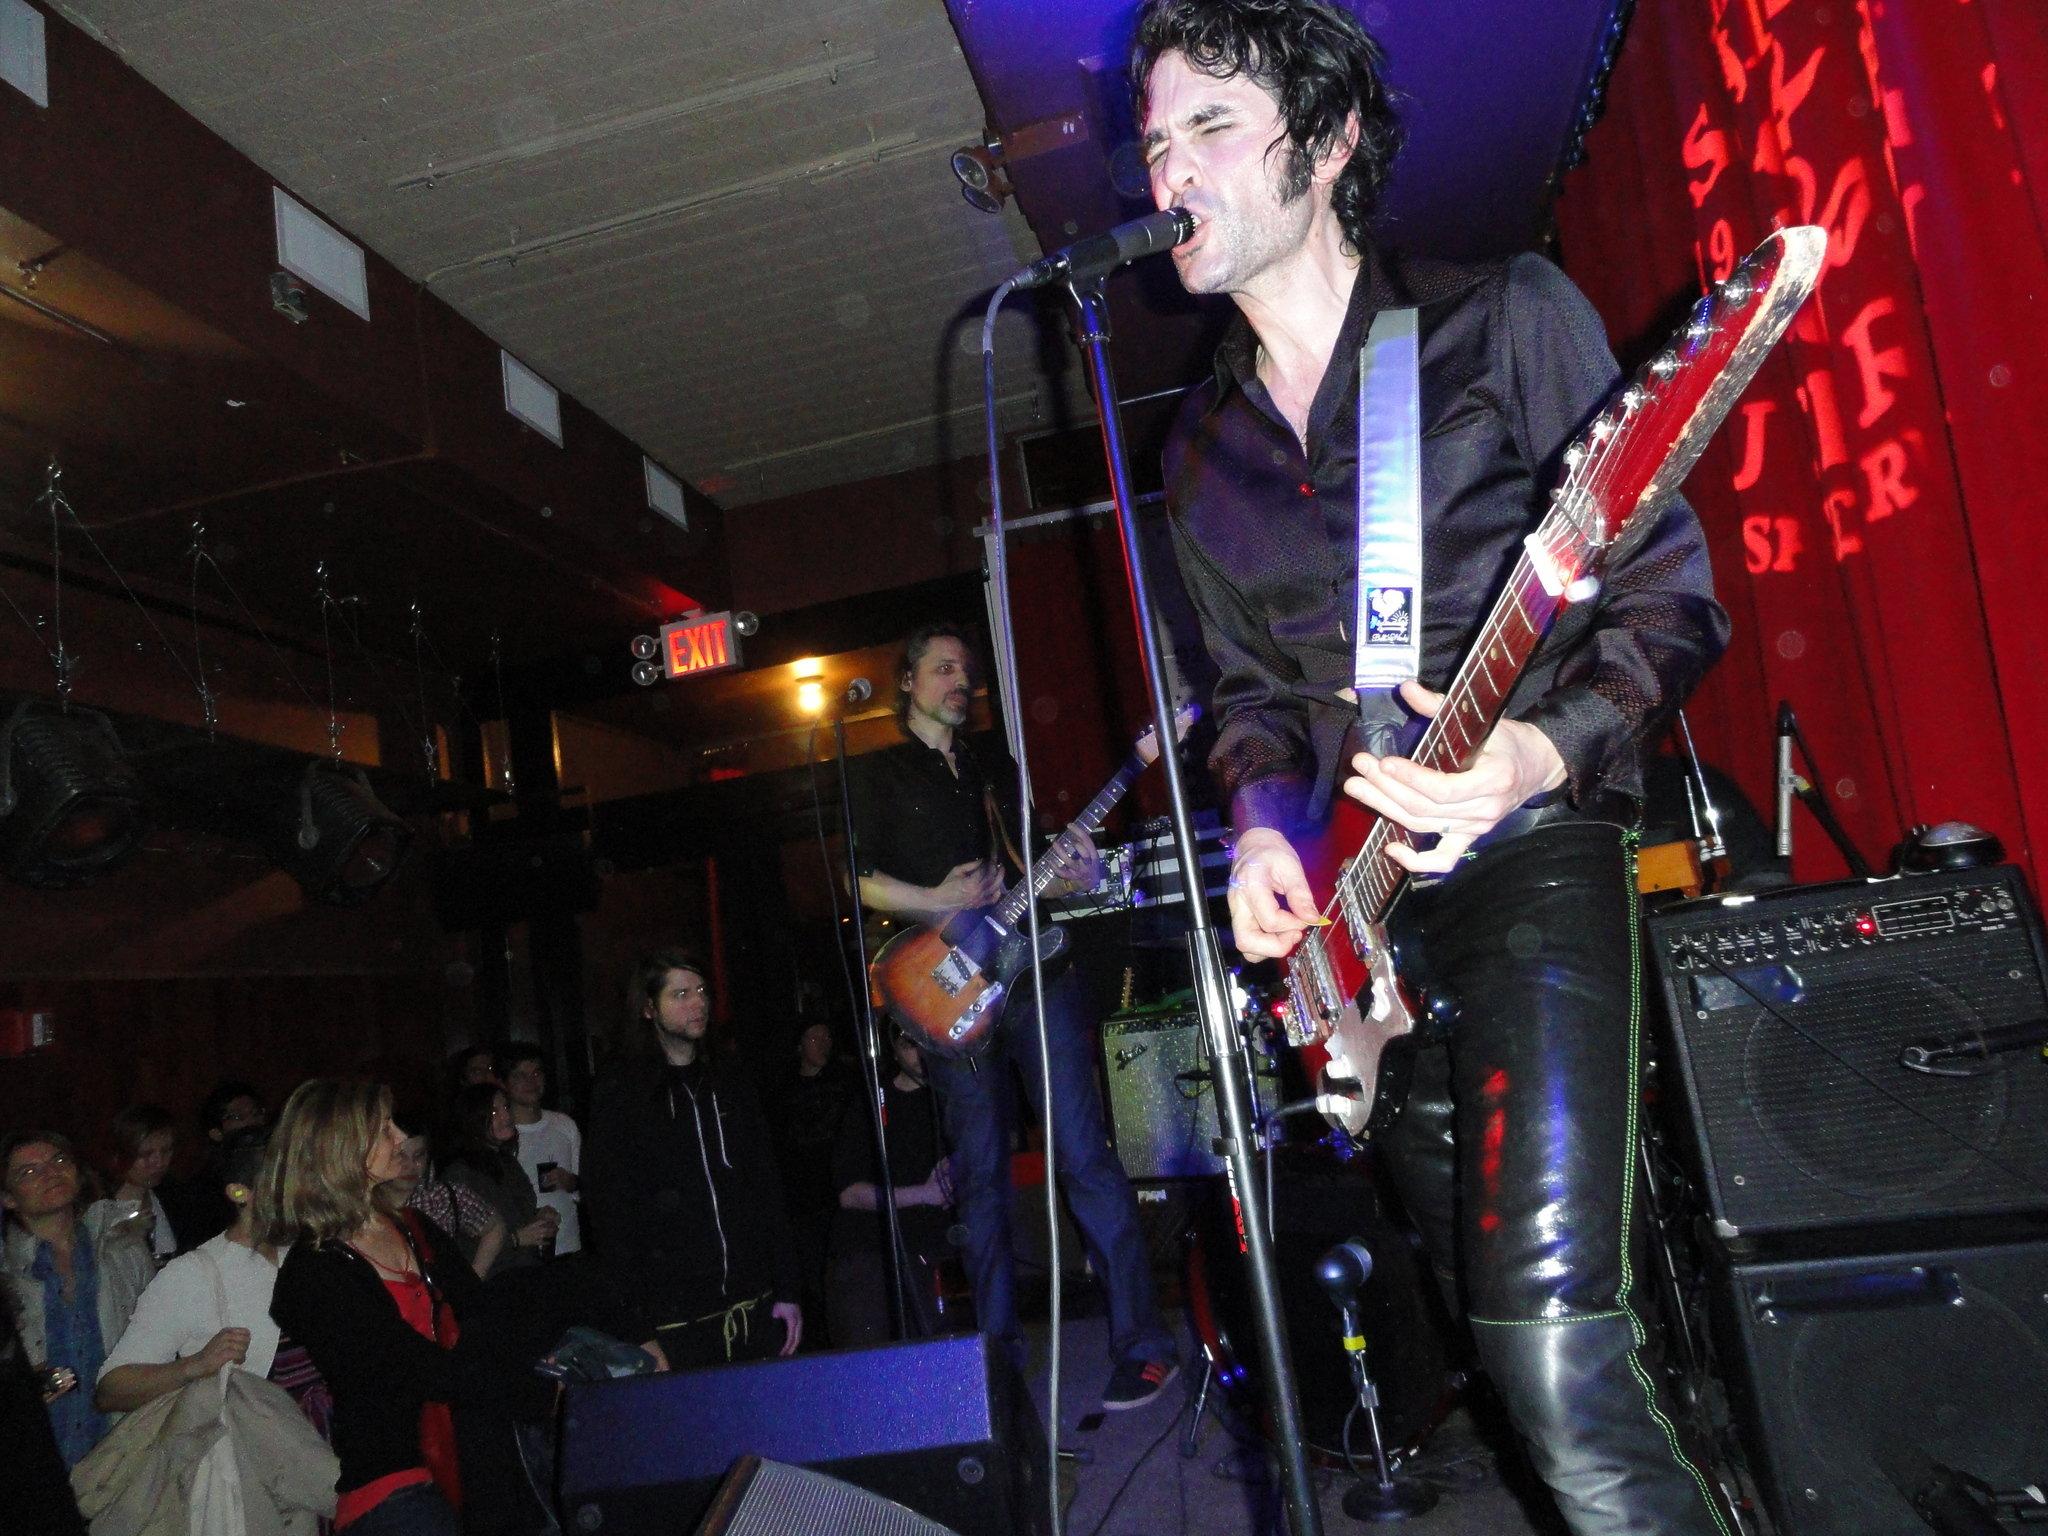 The Jon Spencer Blues Explosion - Tammany Hall, New York City, NY, US (14 December 2010)